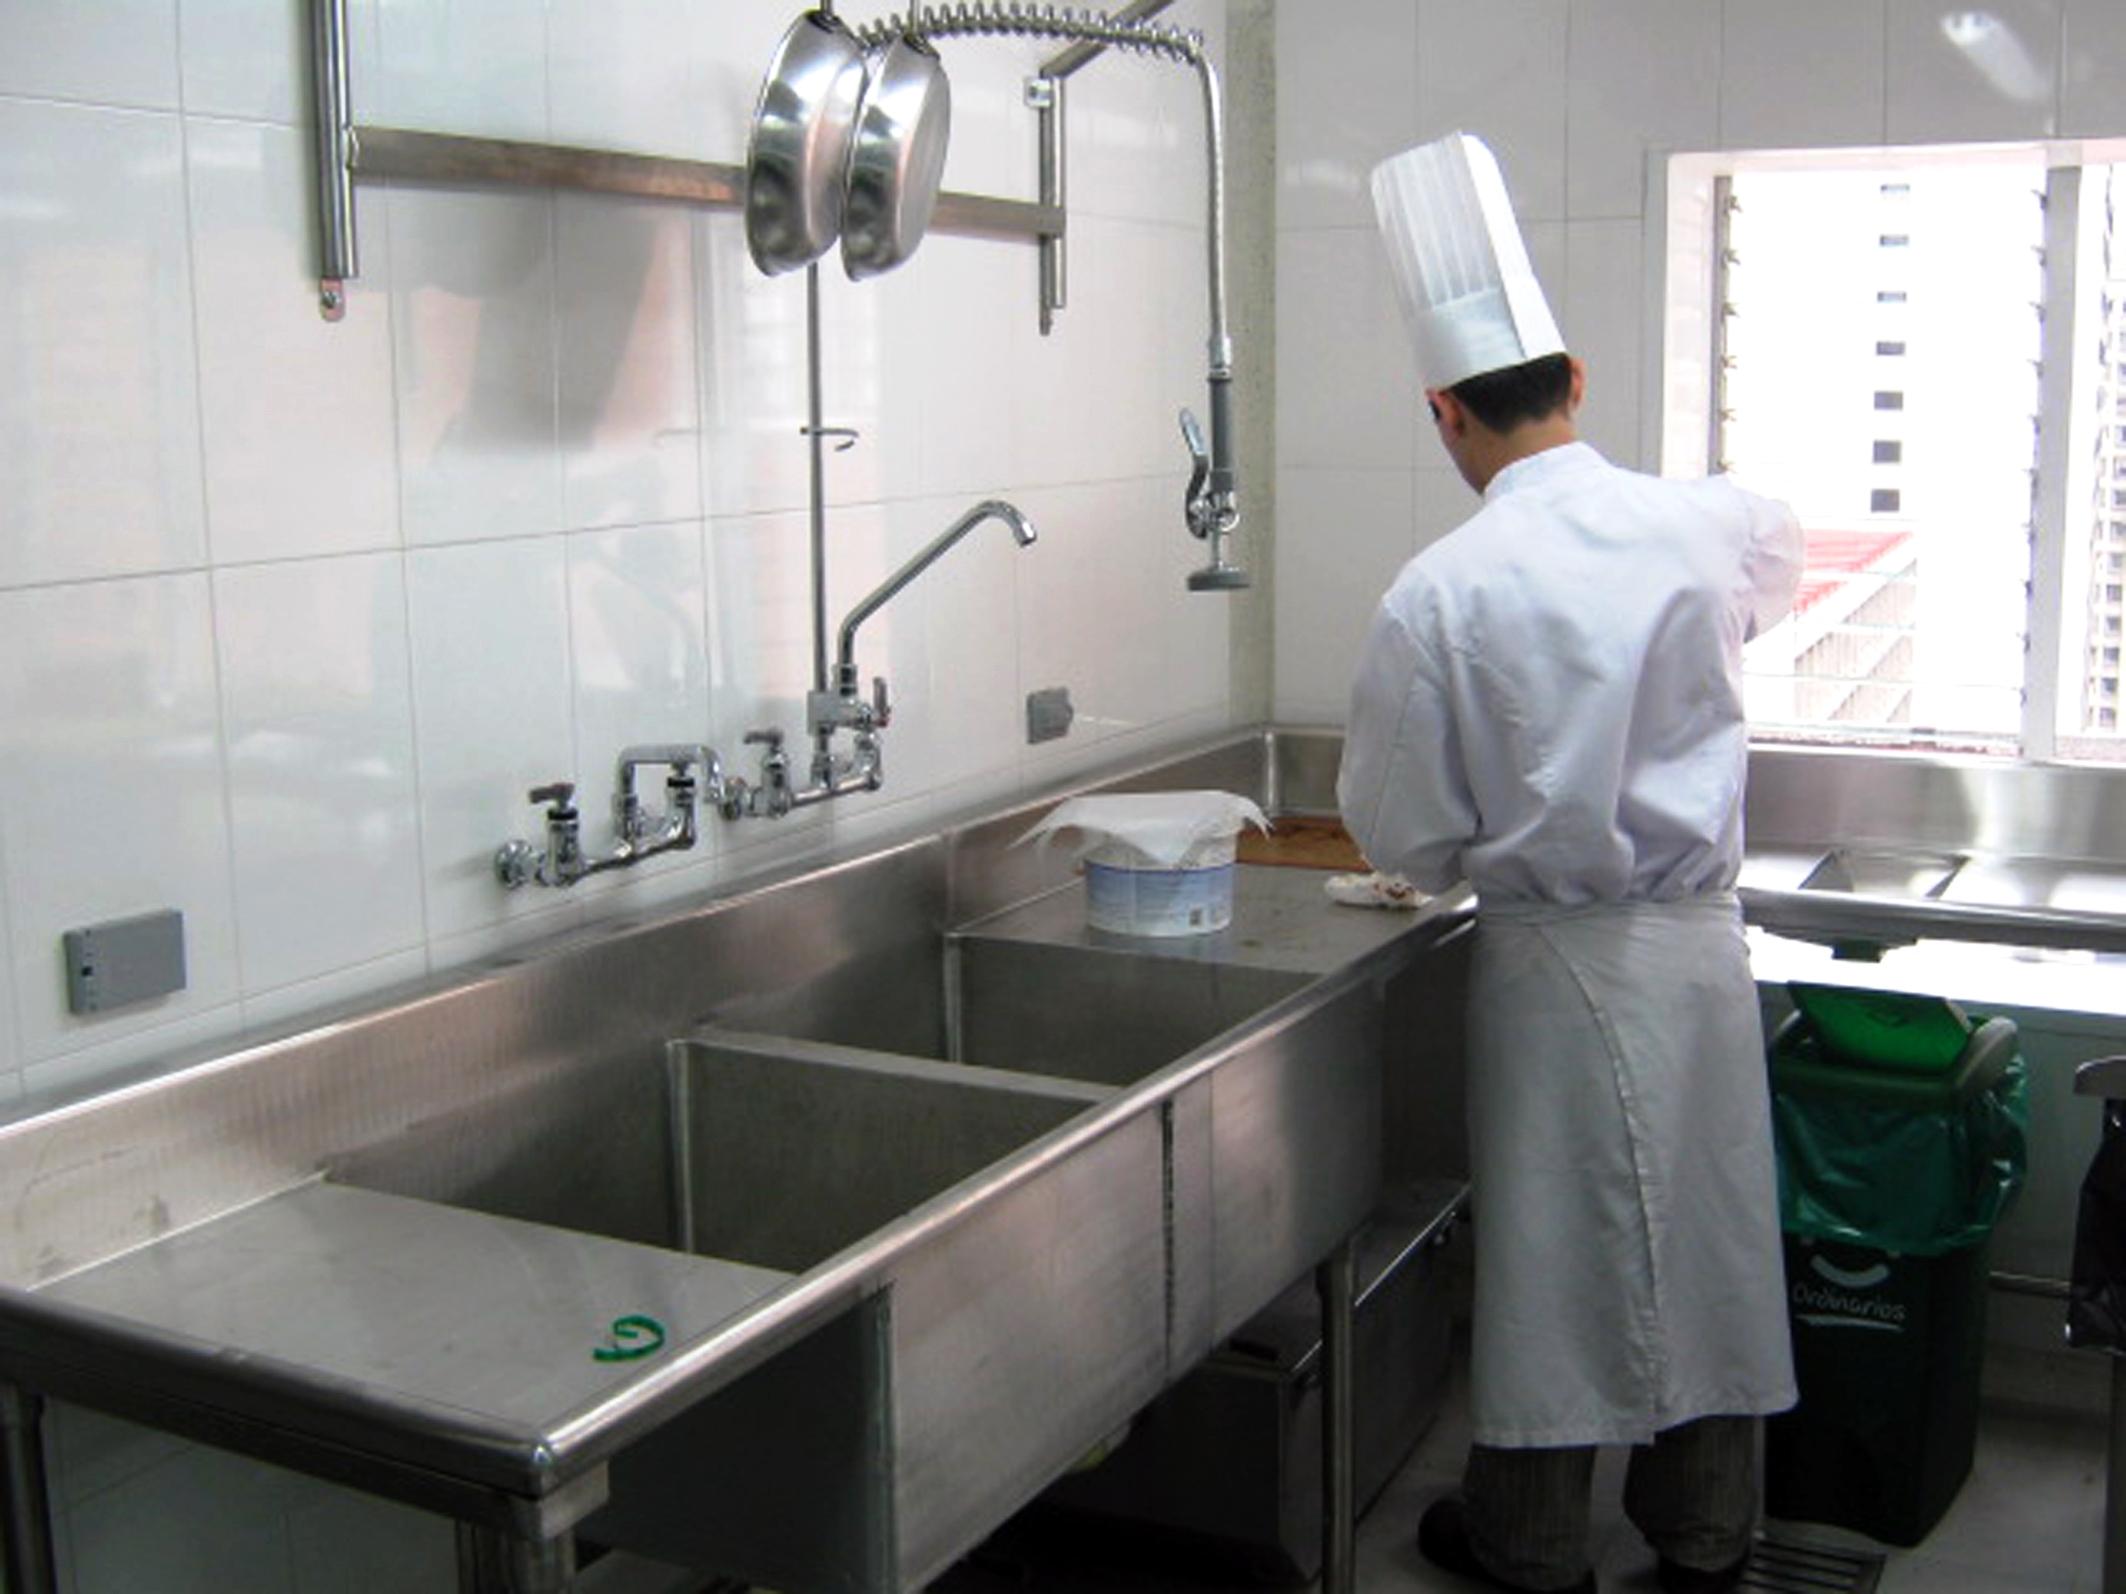 La limpieza en superficies y utensilios de acero for Cocinas de acero inoxidable para restaurantes